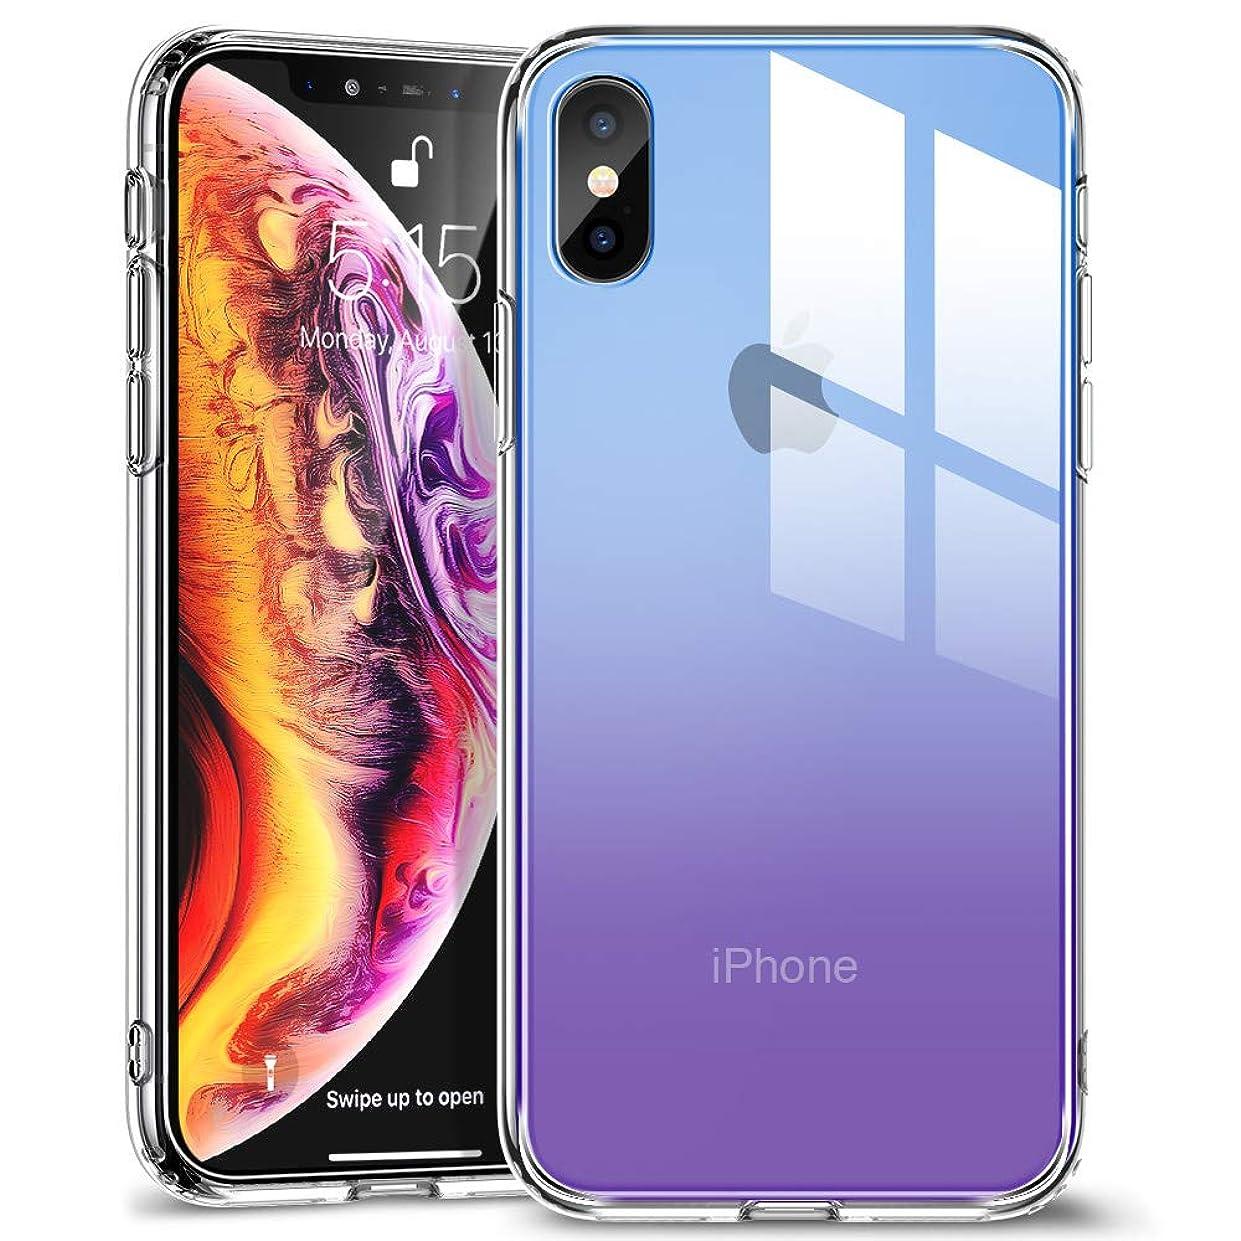 ESR iPhone Xs Max ケース 6.5インチ 強化ガラス 9H硬度加工 ガラスケース 薄型 TPUバンパー 滑り止め 全面保護 ストラップホール付き 指紋防止 耐衝撃 ワイヤレス充電対応 ネイキッド(パープルブルー)